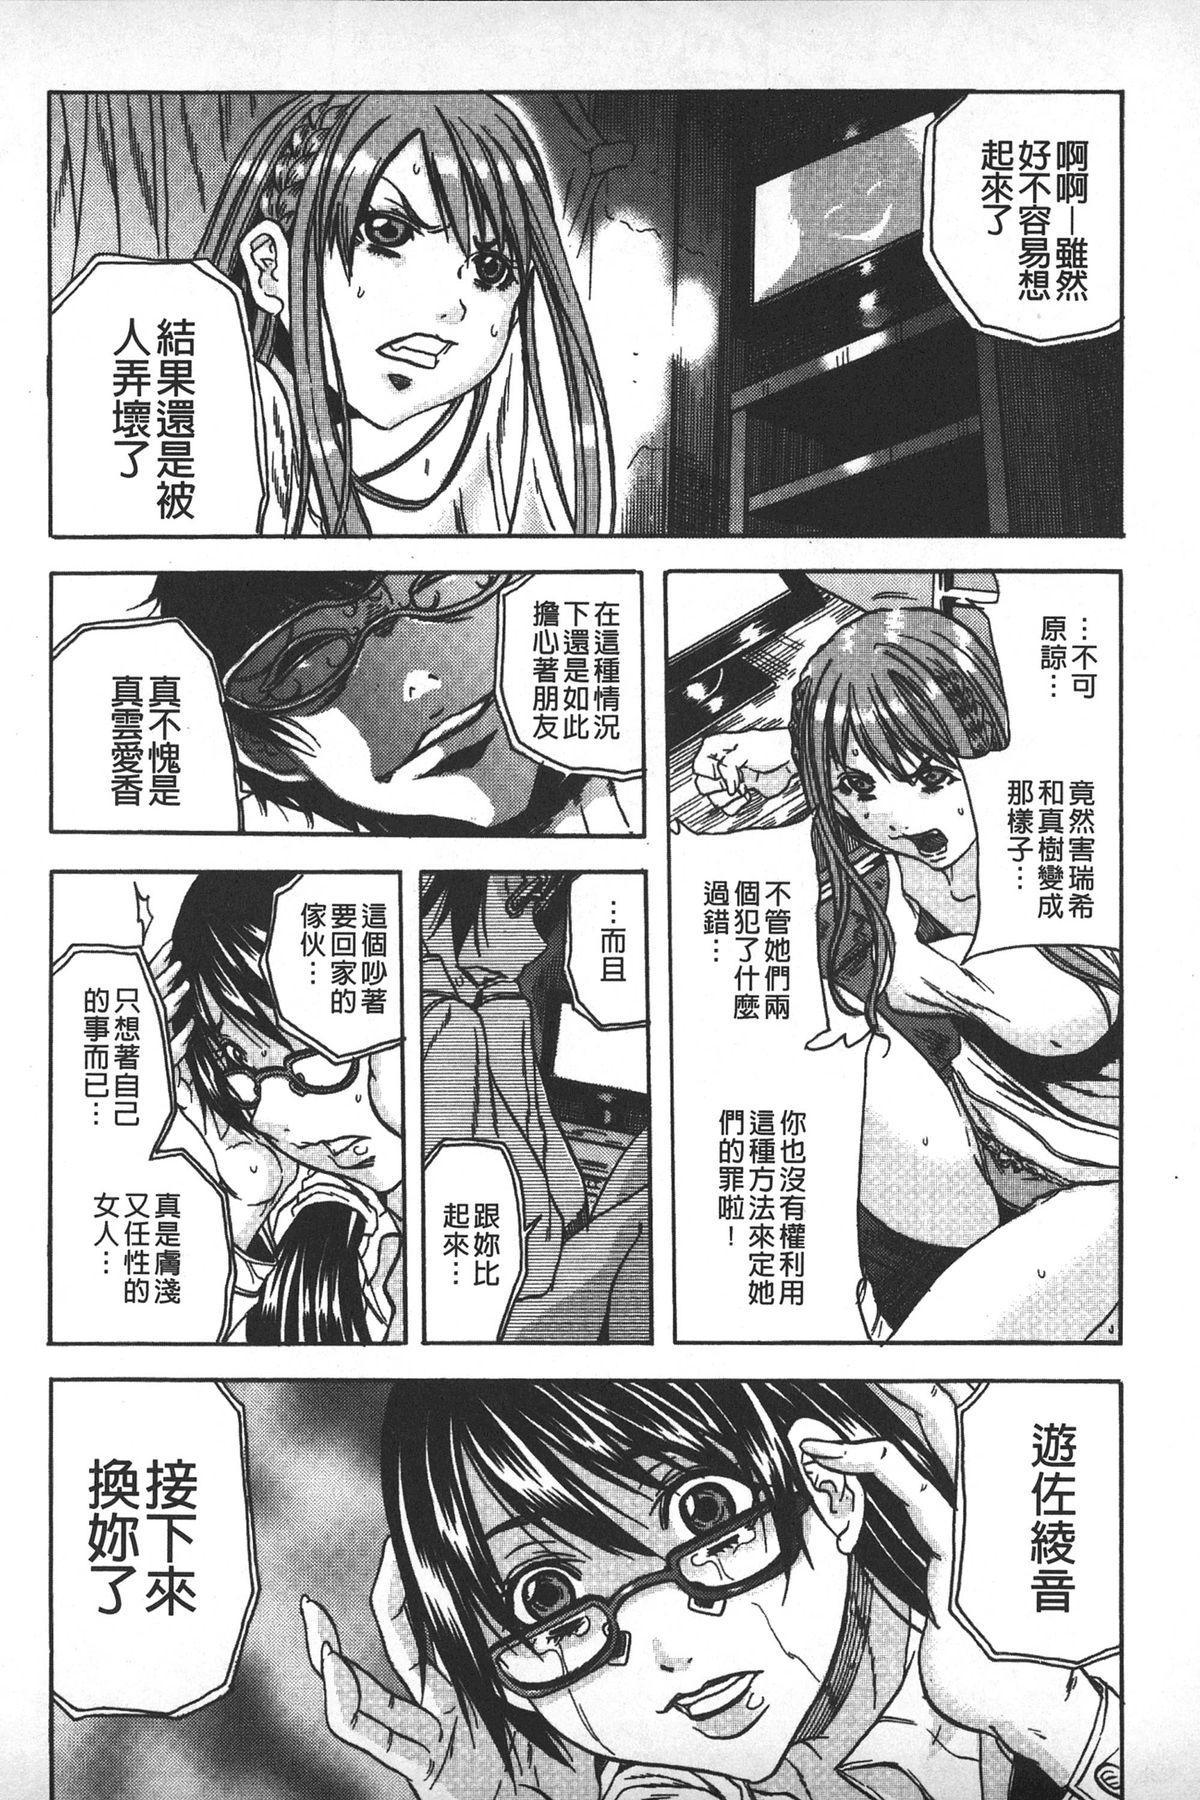 Ryoujoku Kyoushitsu 52